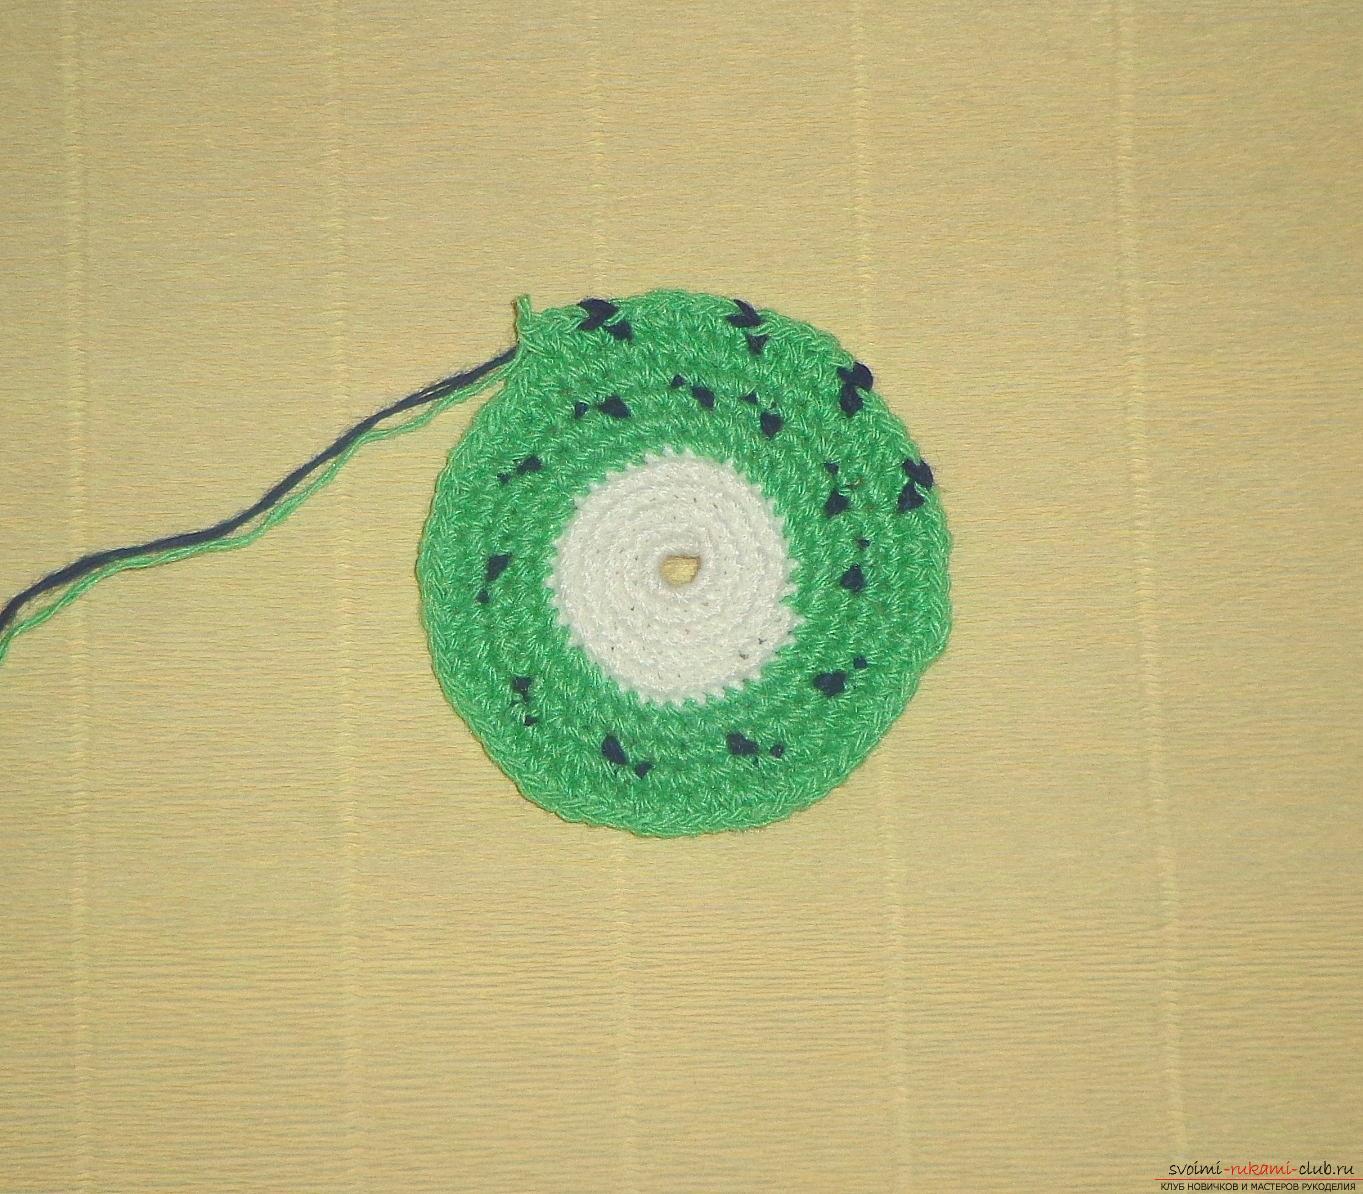 Урок по вязанию крючком прихватки для горячего Киви с описанием шагов и фото. Фото №3